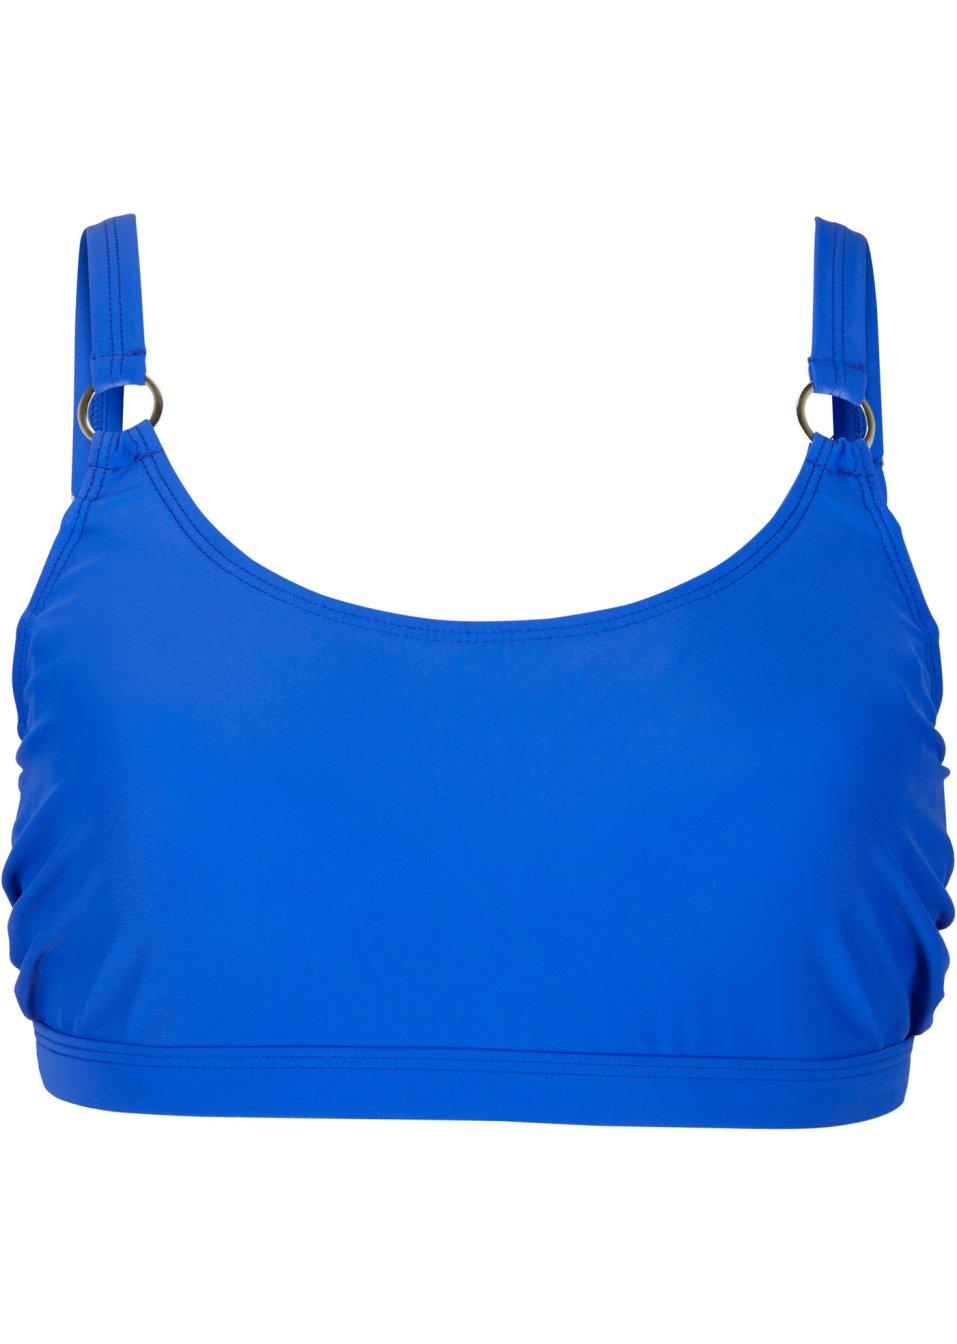 Attraktives Bügel Bikini Oberteil mit verdeckten Bügeln - blau Cup E 3IbWb EtX7x